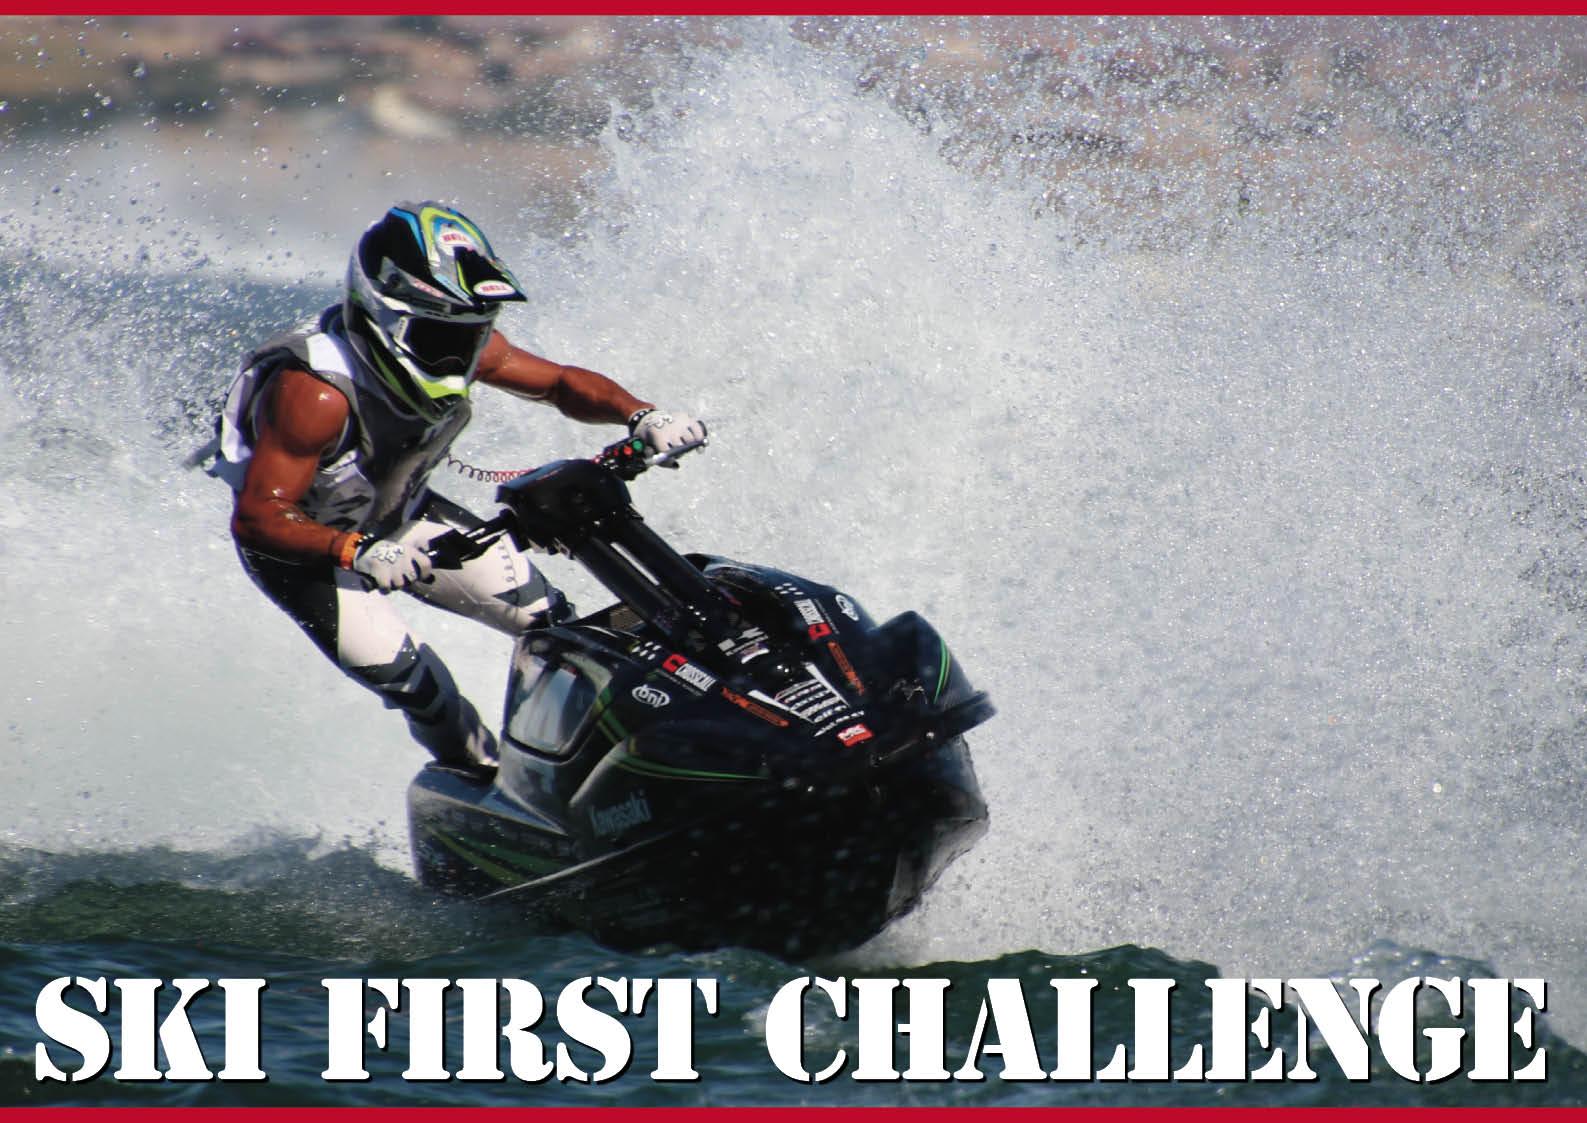 【レース】明日のヒーローは君かもしれない! レース体験ができるイベントです「SKIファーストチャレンジ」参加者募集 ジェットスキー(水上バイク)